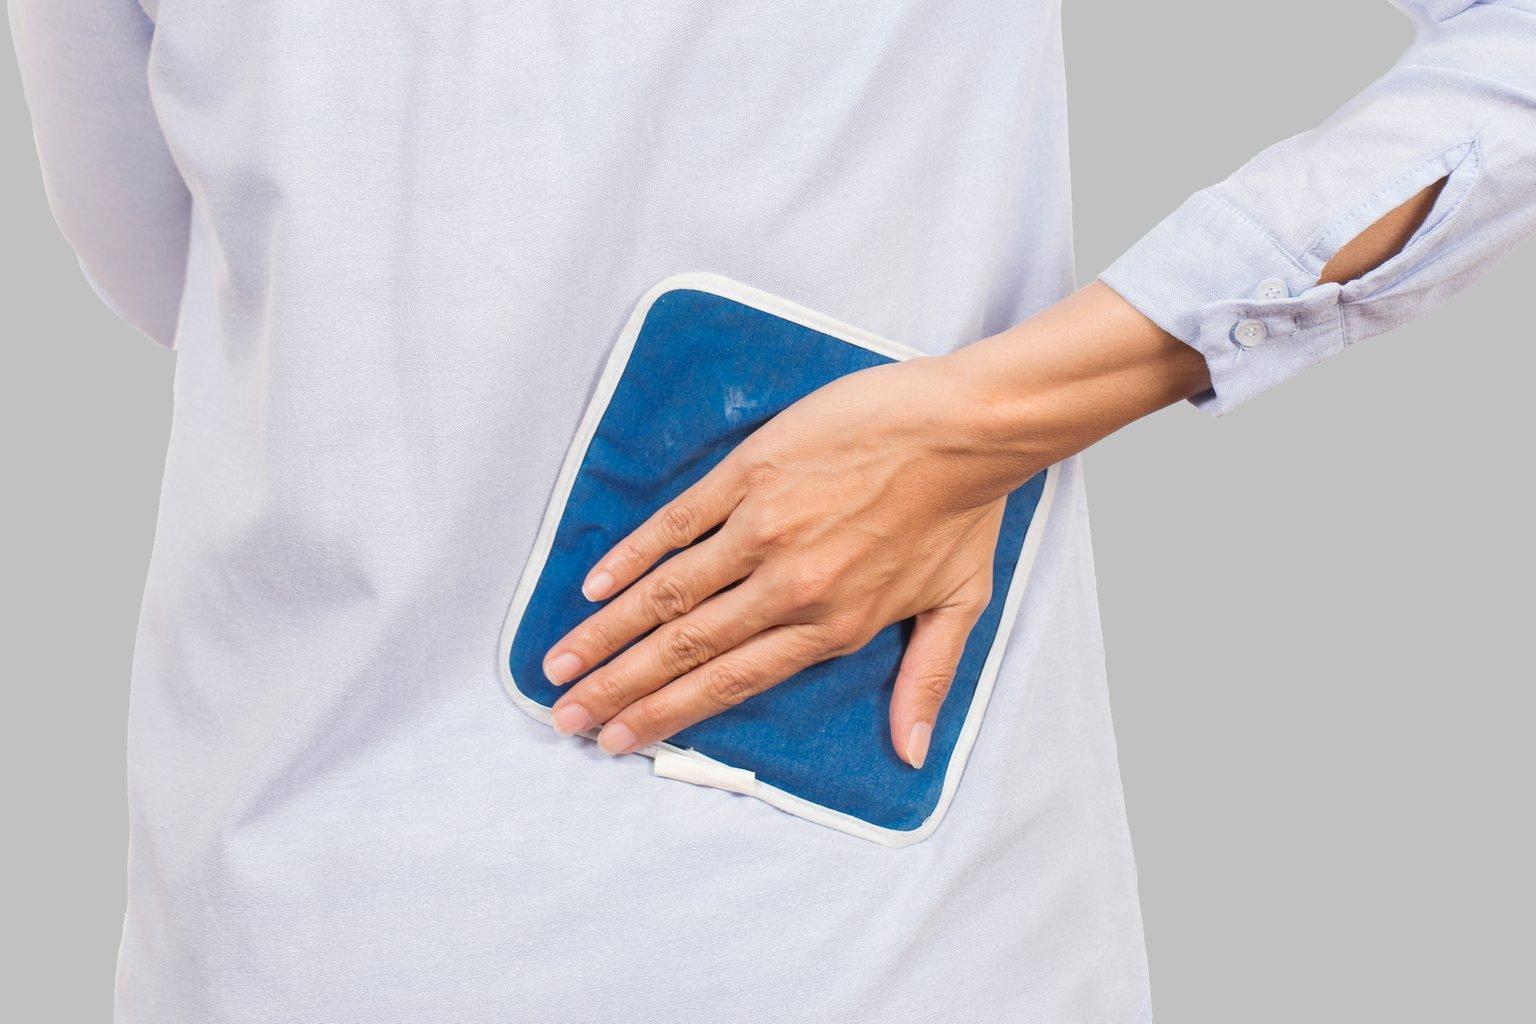 A duhet të përdorni akull apo nxehtësi për dhimbjet e mesit? Çfarë thonë ekspertët